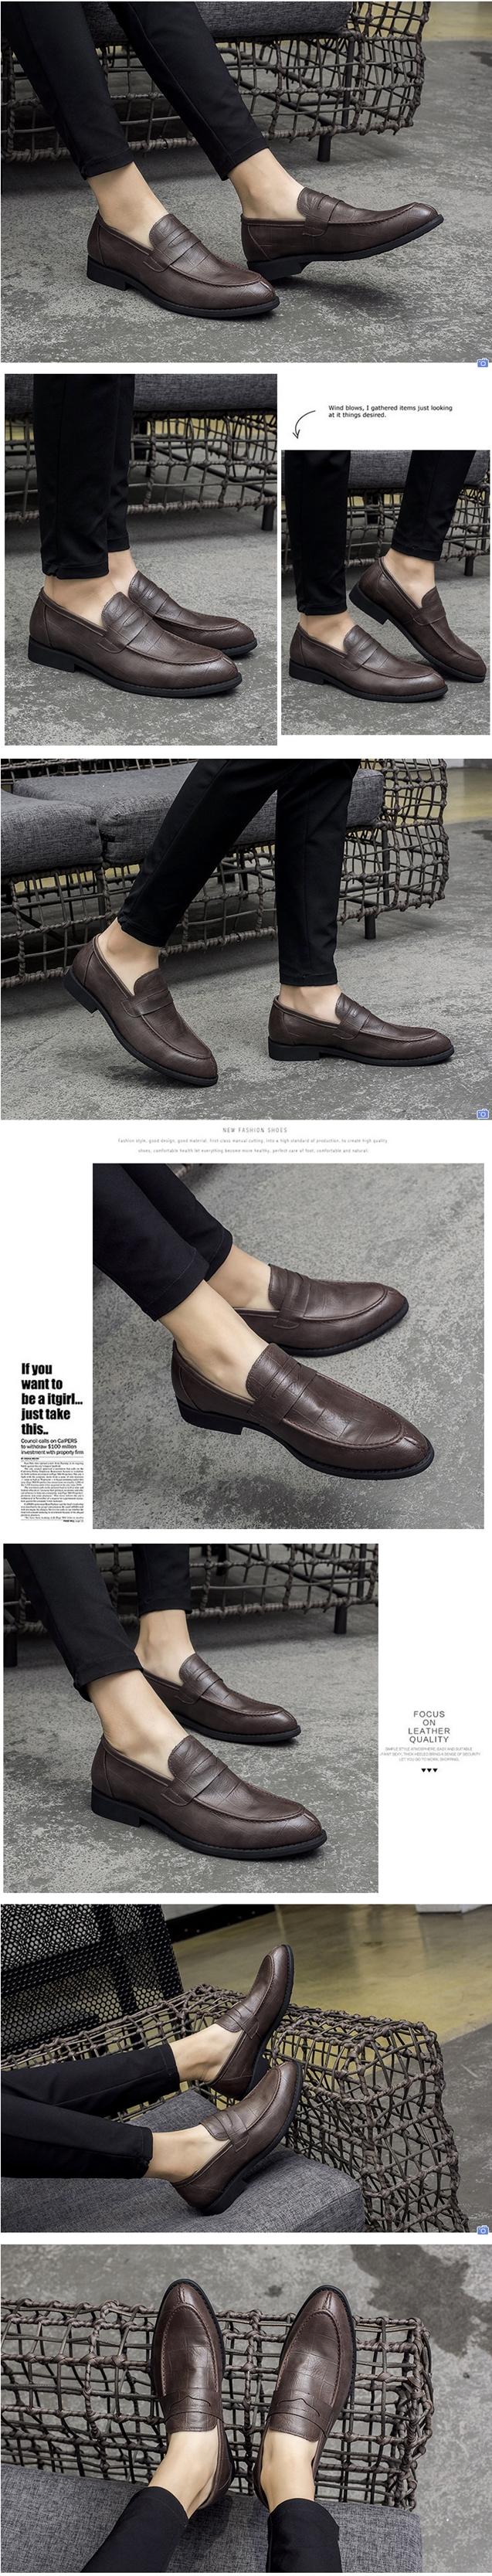 รองเท้าชาย รองเท้าหนังนิ่มลำลองสไตล์อังกฤษ